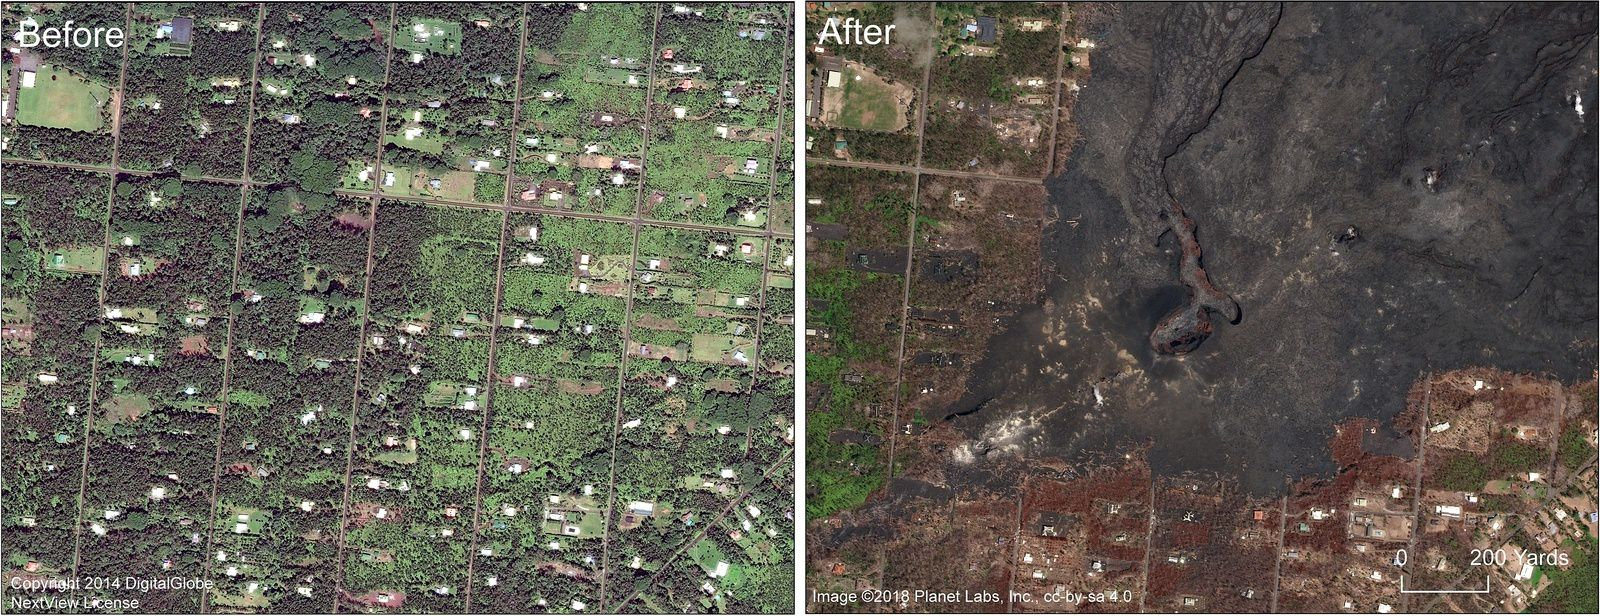 Kilauea zone de rift Est - photos satellites de Leilani Estates subdivision, avec zoom sur la fissure 8 et le cône formé - un clic pour agrandir -  Doc USGS